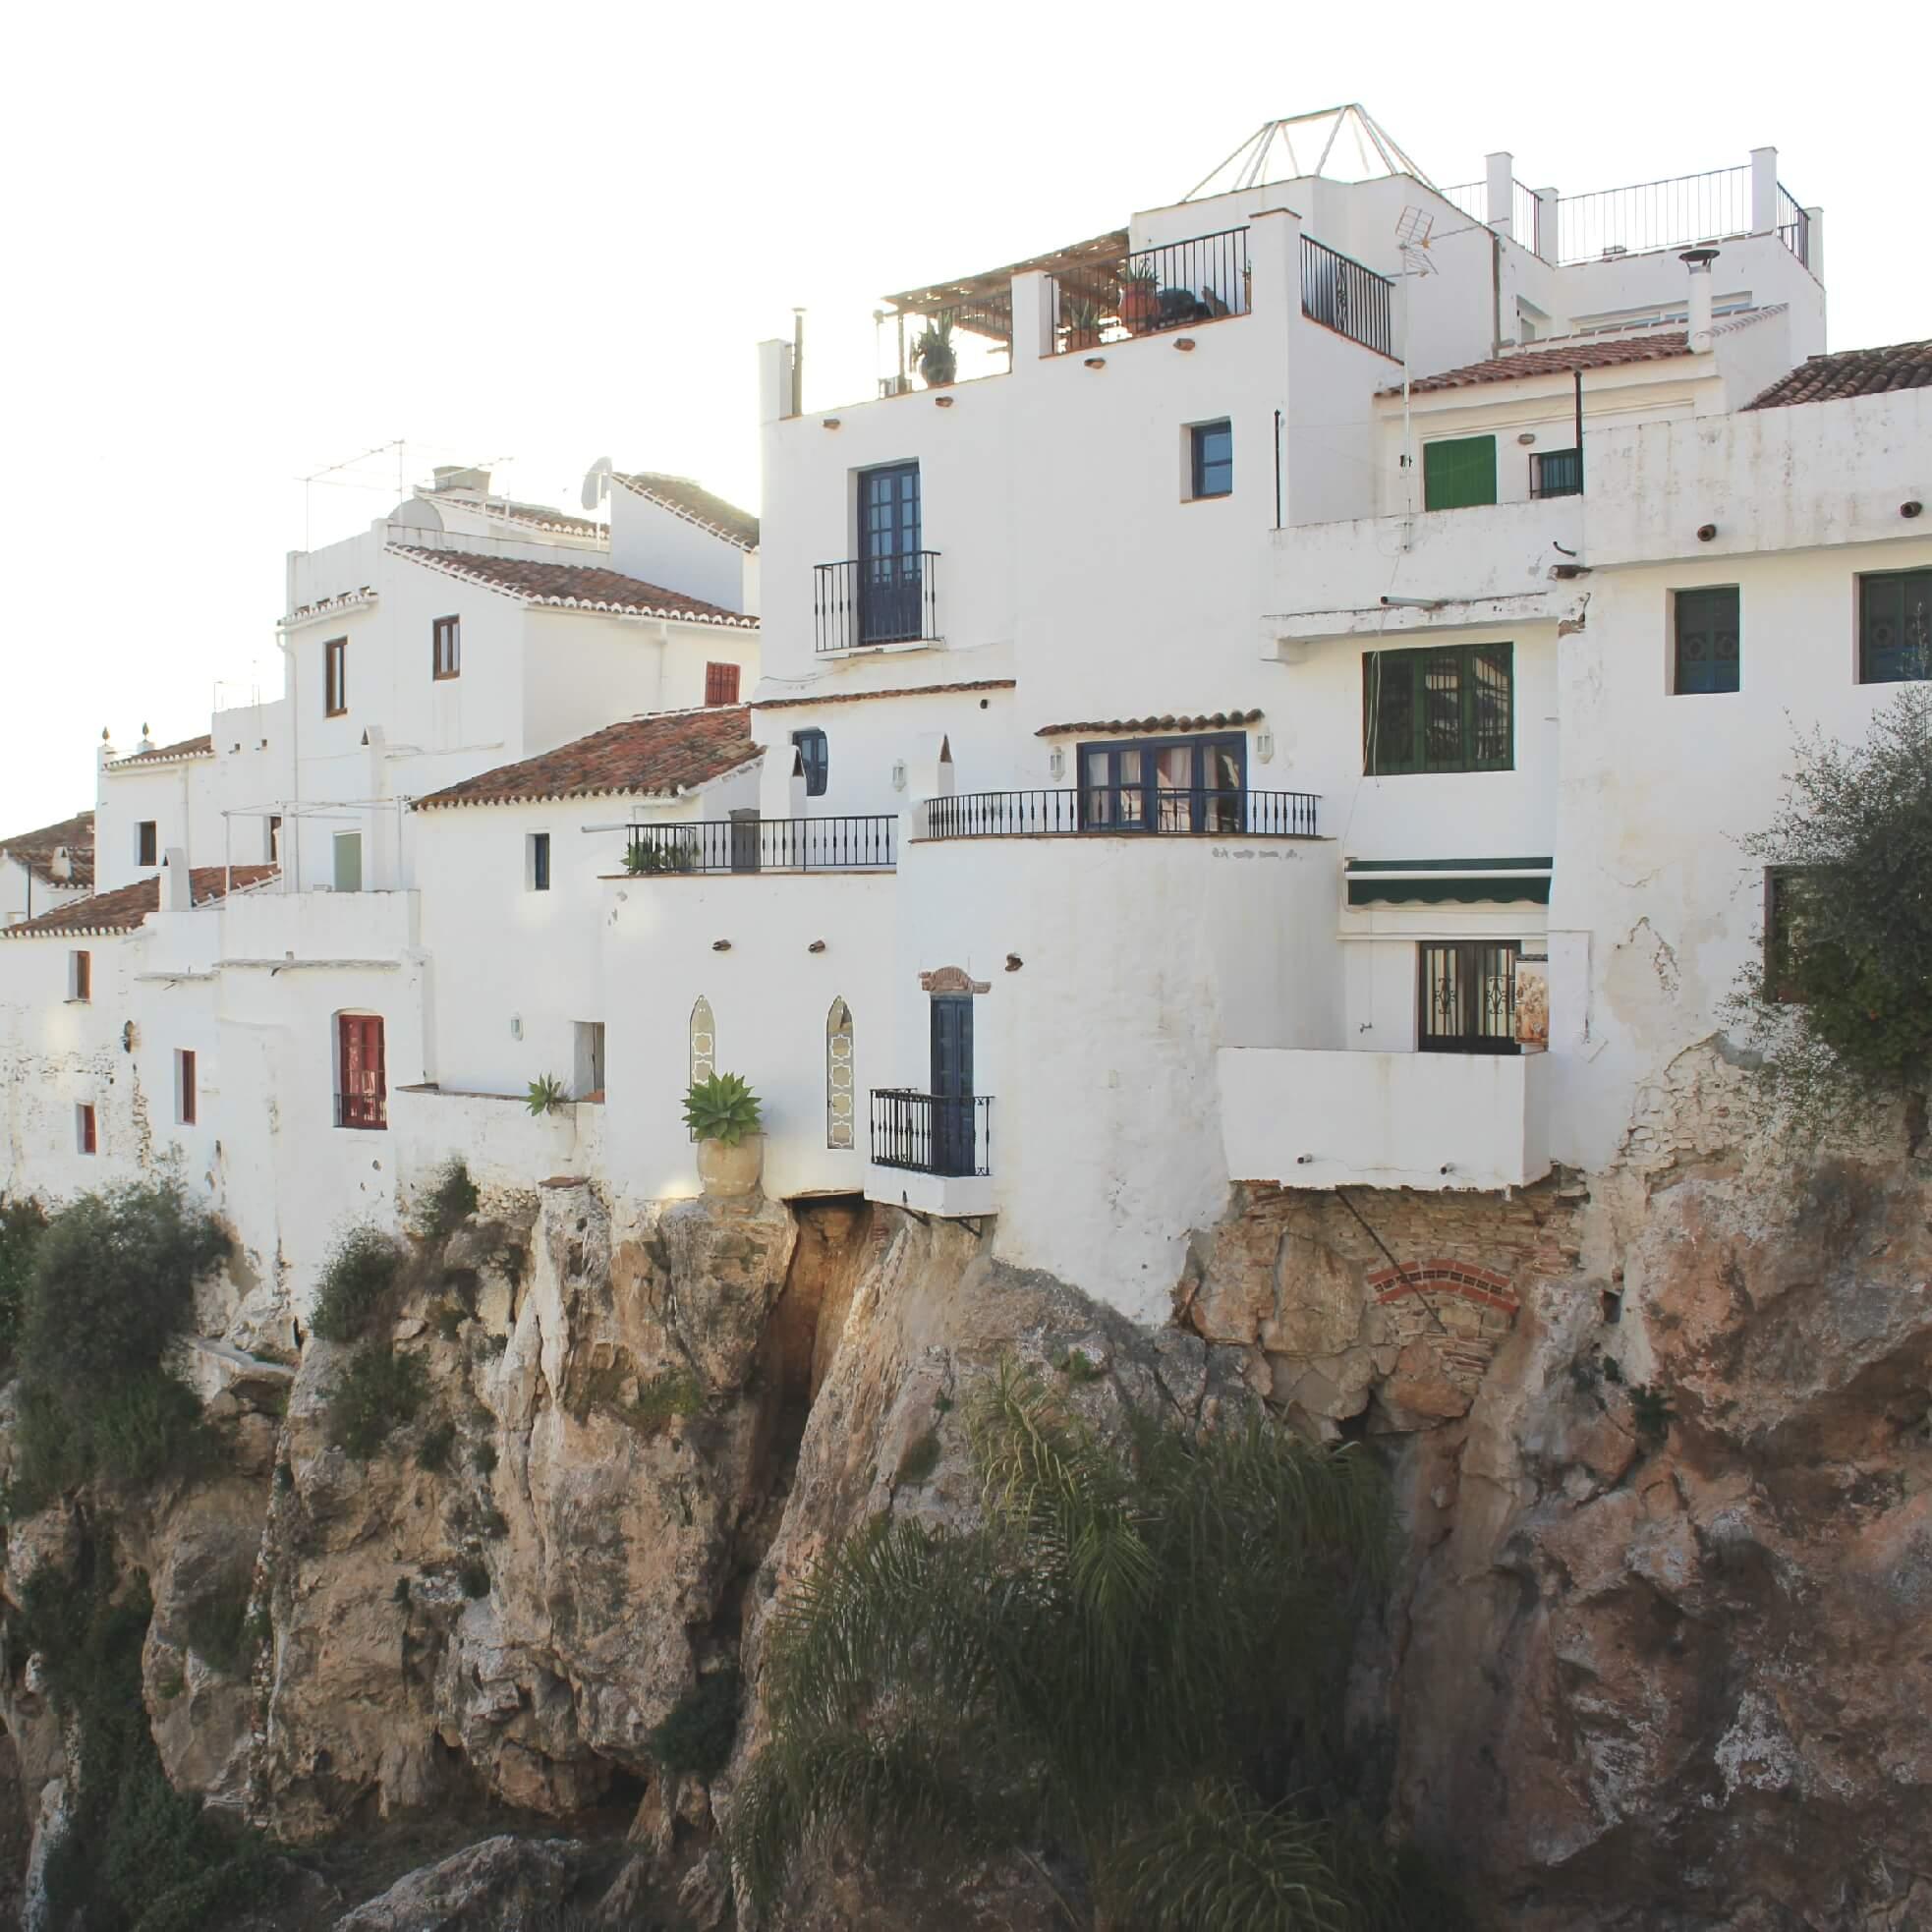 Casas Colgantes Competa Malaga